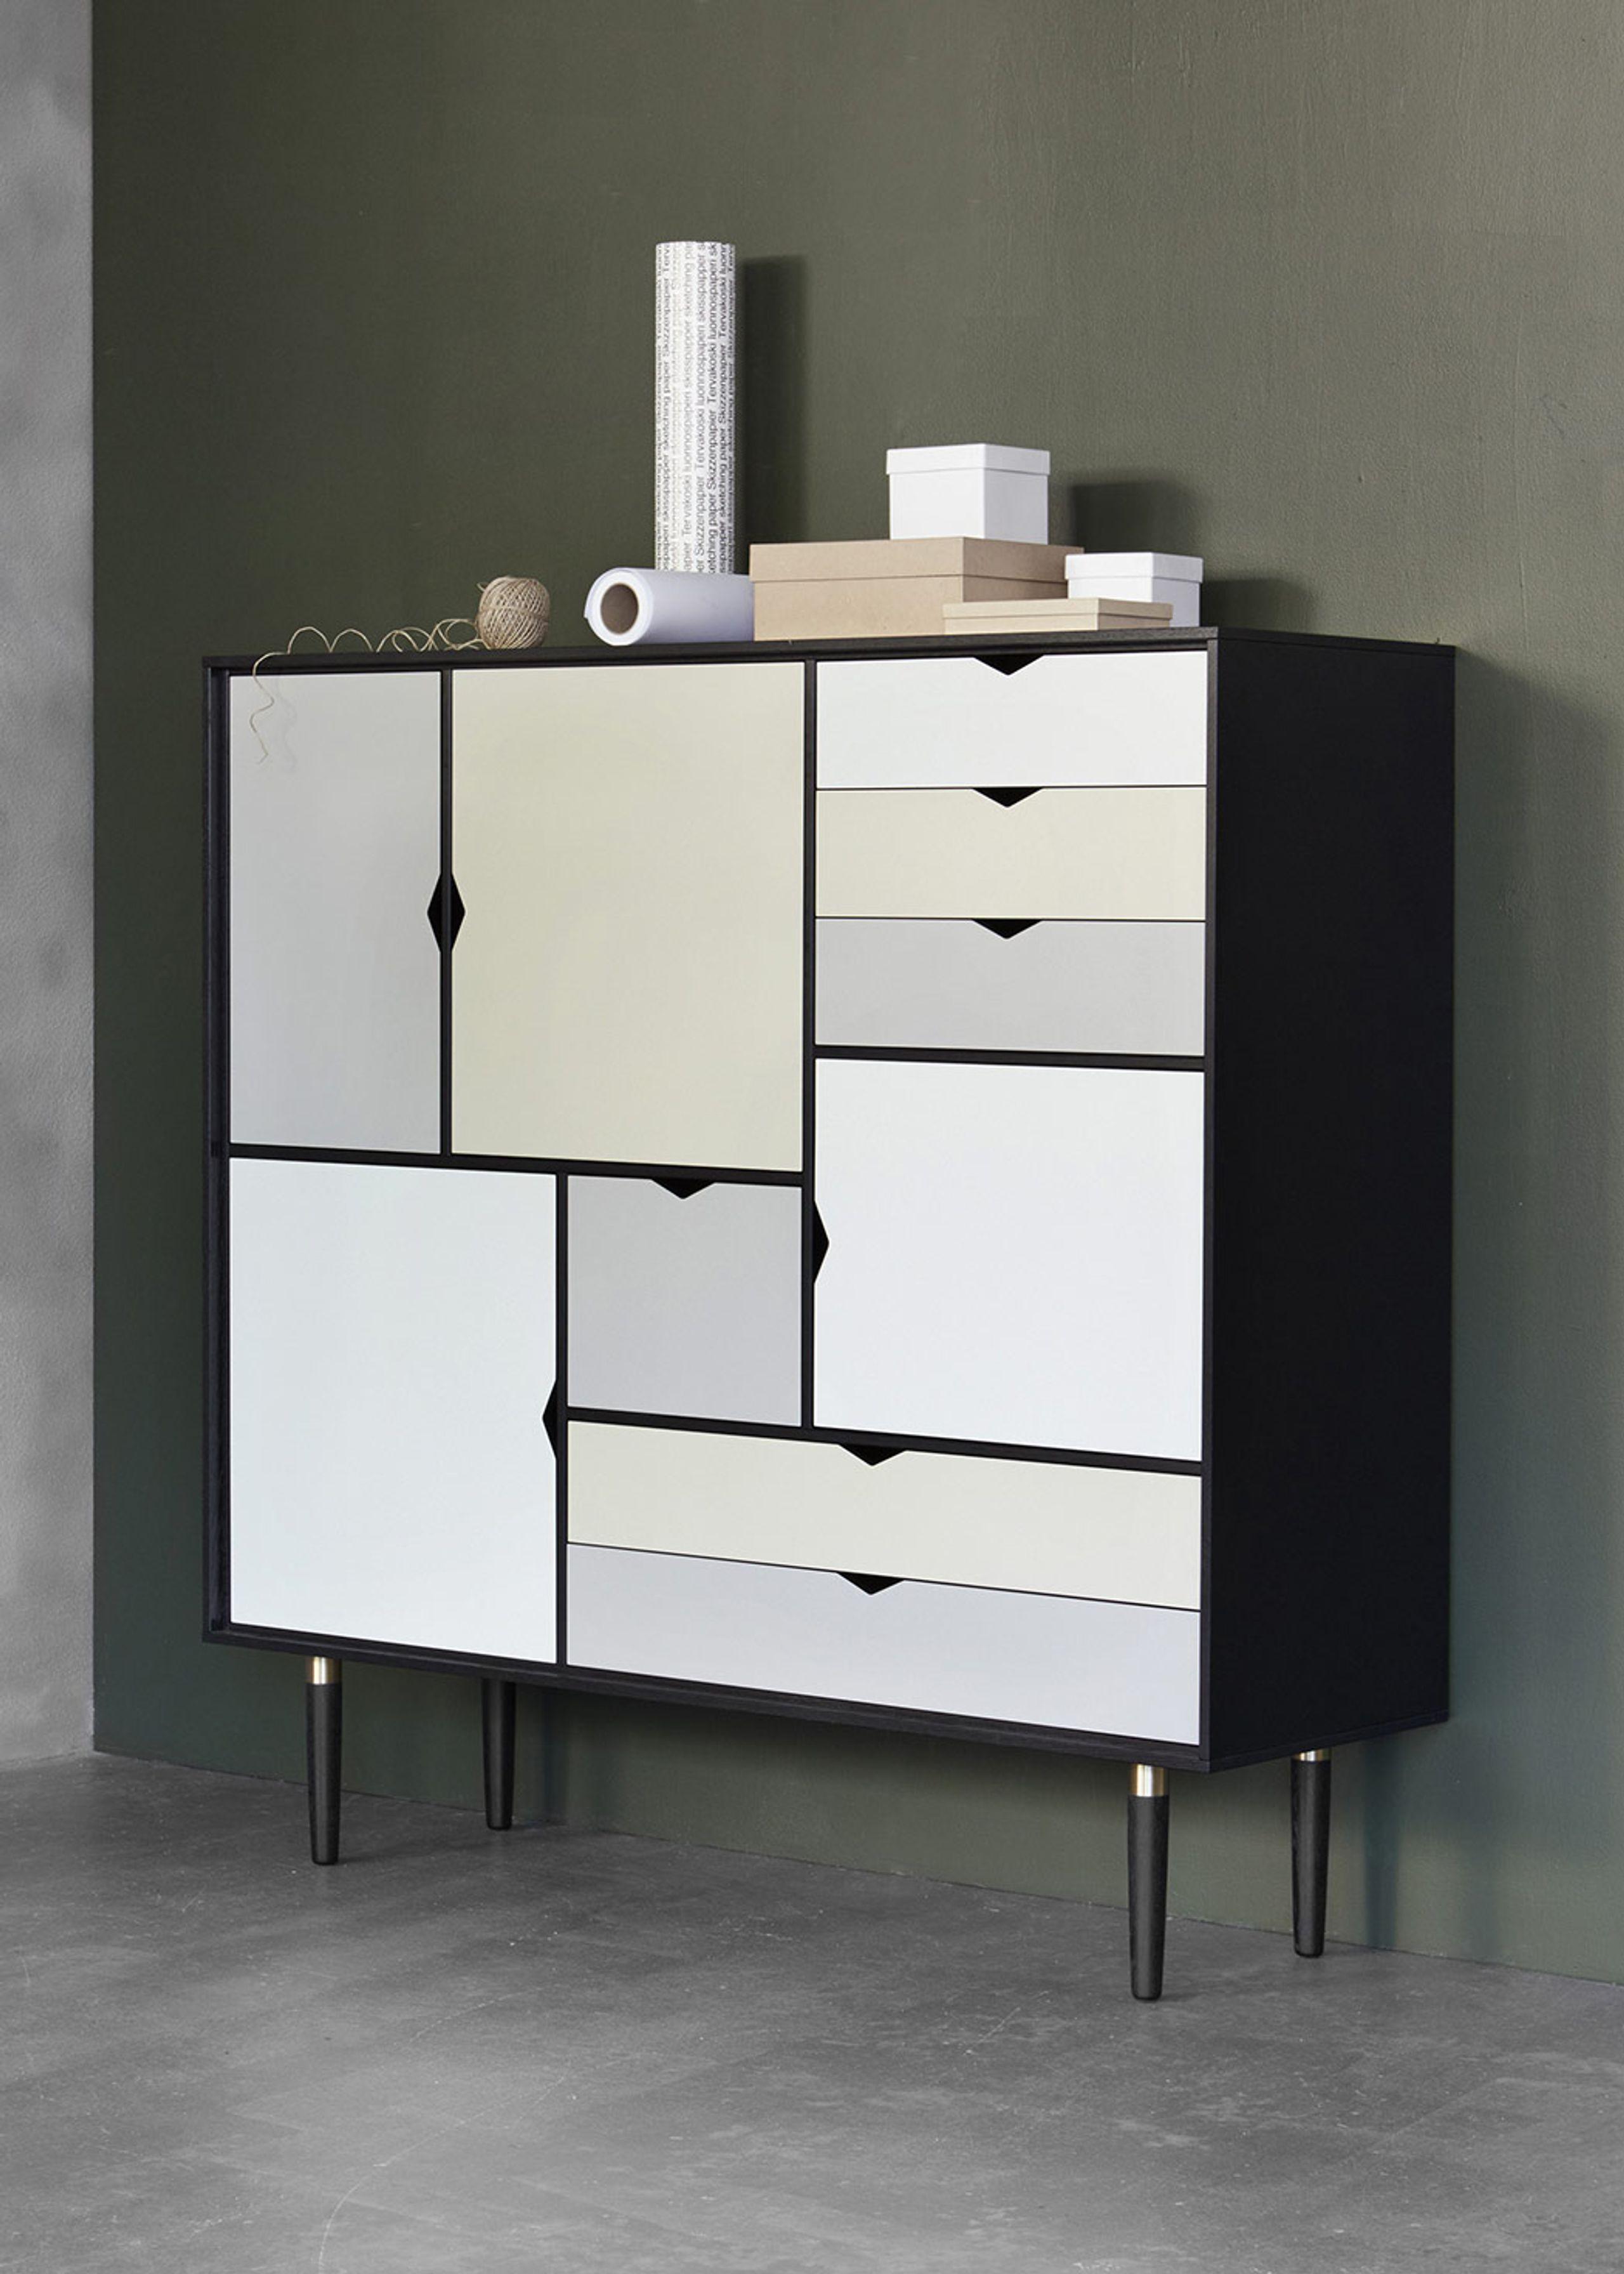 S3 storage sideboard - Sideboard - Andersen Furniture